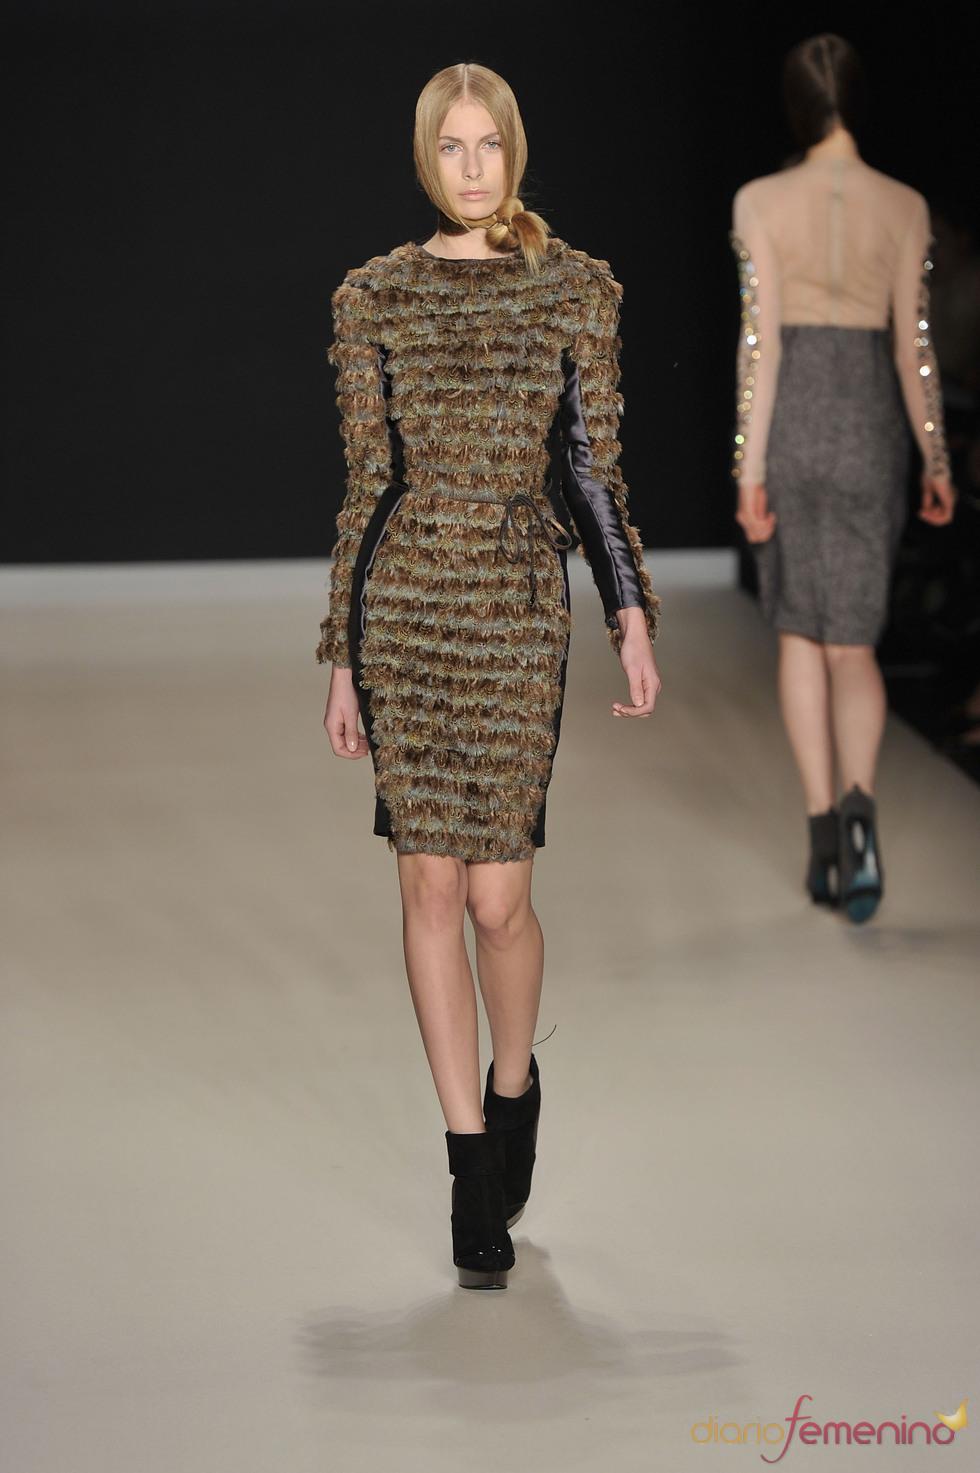 Vestido invernal de Tomaszewski en la Berlín Fashion Week 2011